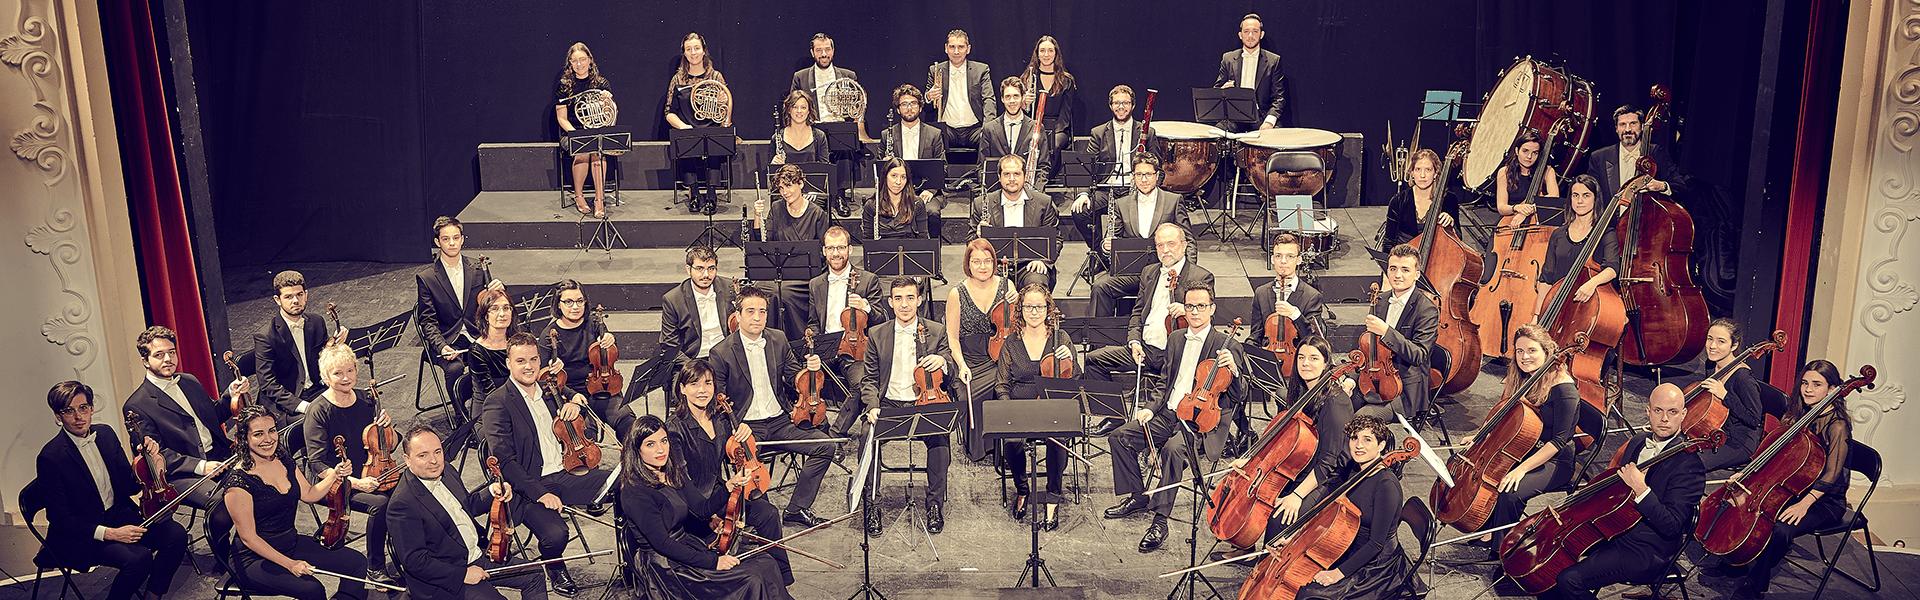 Concierto de la Orquesta Sinfónica Cristóbal Halfter en el Teatro Bergidum 1